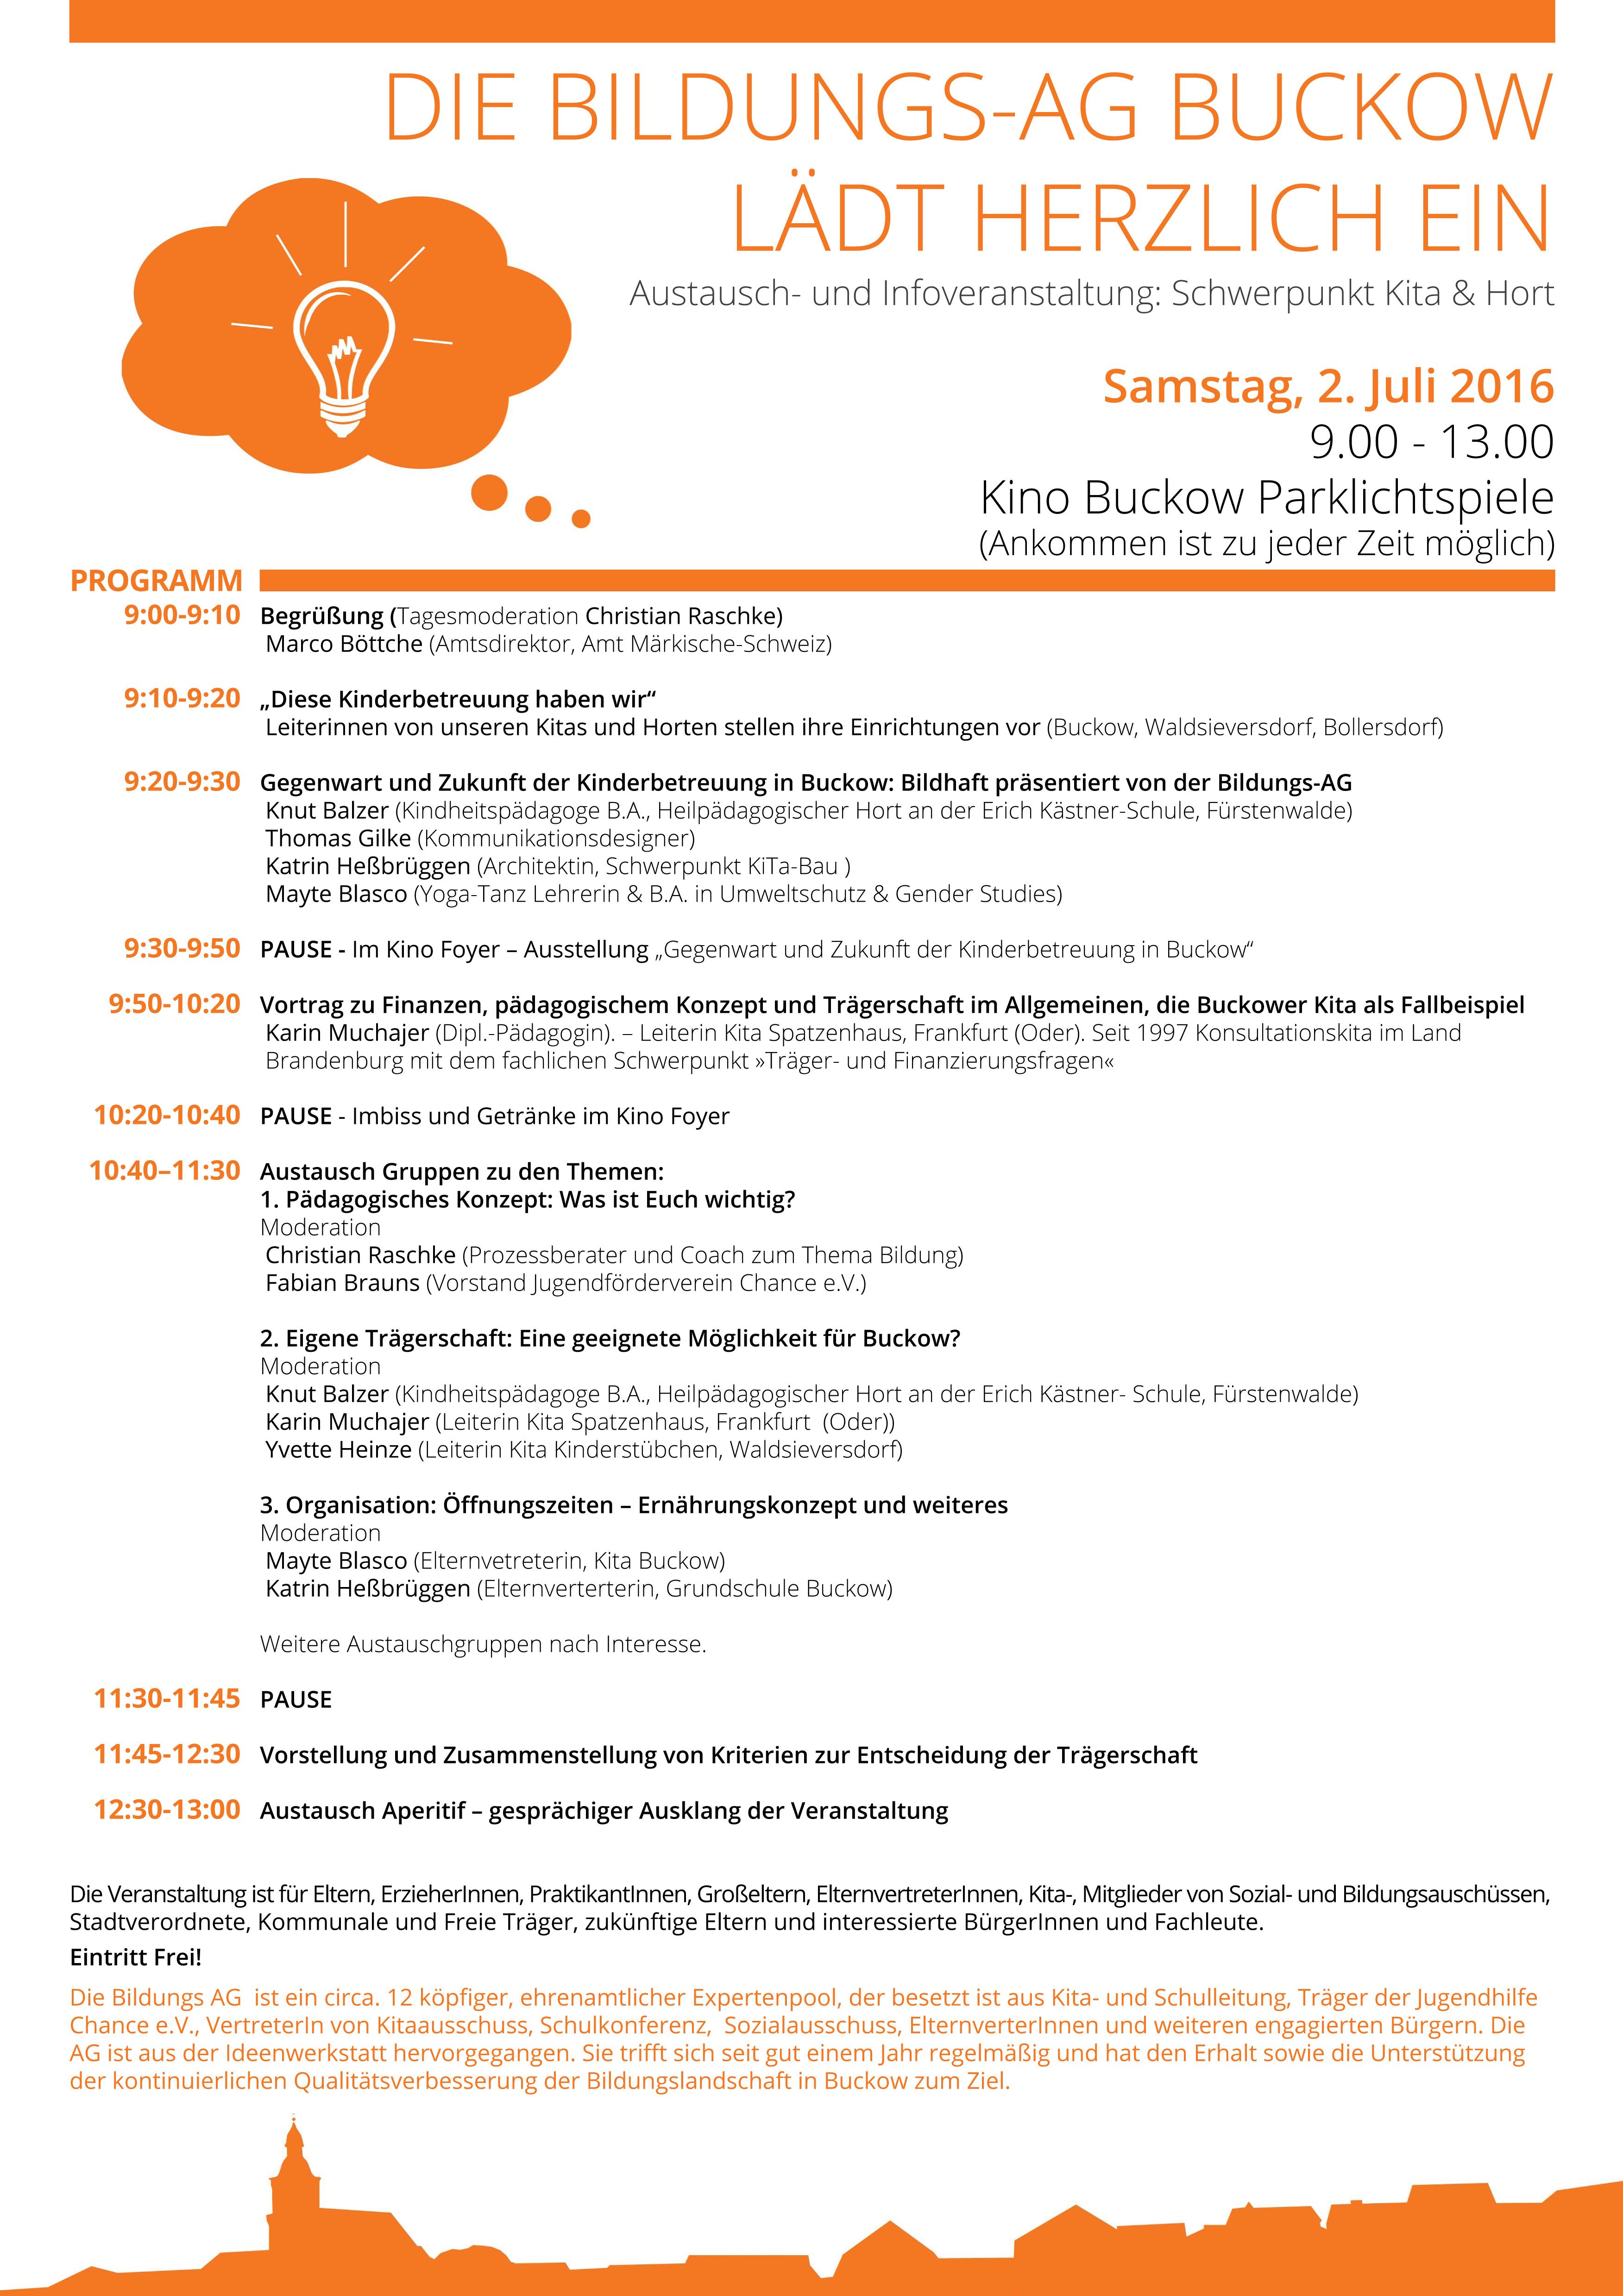 Einladung_BildungsAG Buckow_Infoveranstaltung Schwerpunkt KitaHort am 2 7 2016